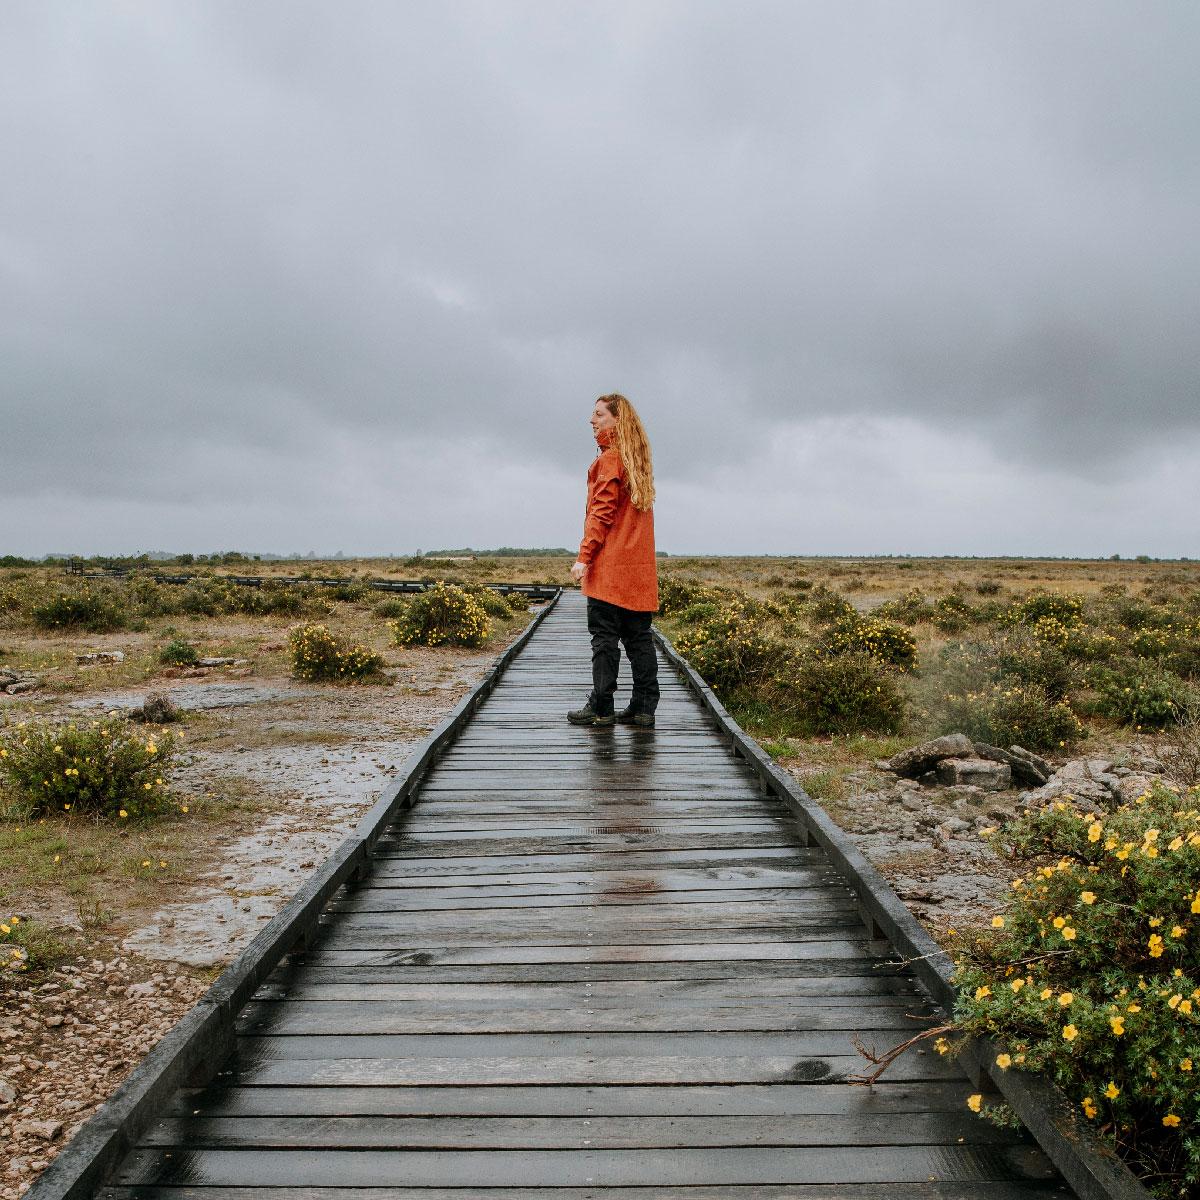 Alvaret ved Möckelmossen på Öland